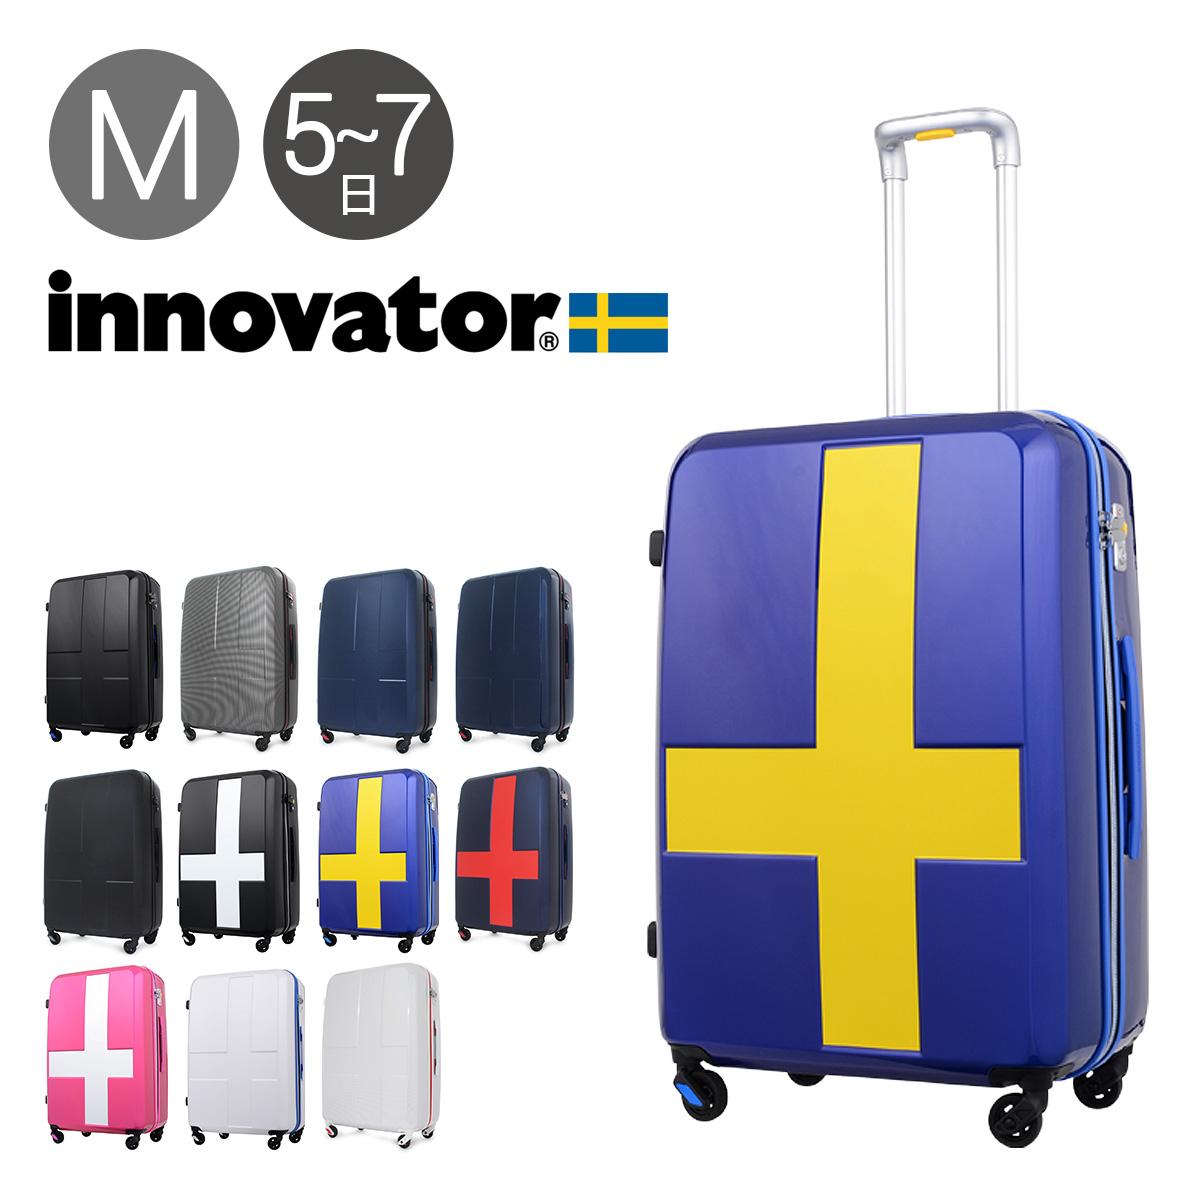 イノベーター スーツケース INV63/63T 63cm 【 innovator キャリーケース キャリーバッグ 北欧 】【 TSAロック搭載 】【 2年保証 】【bef】